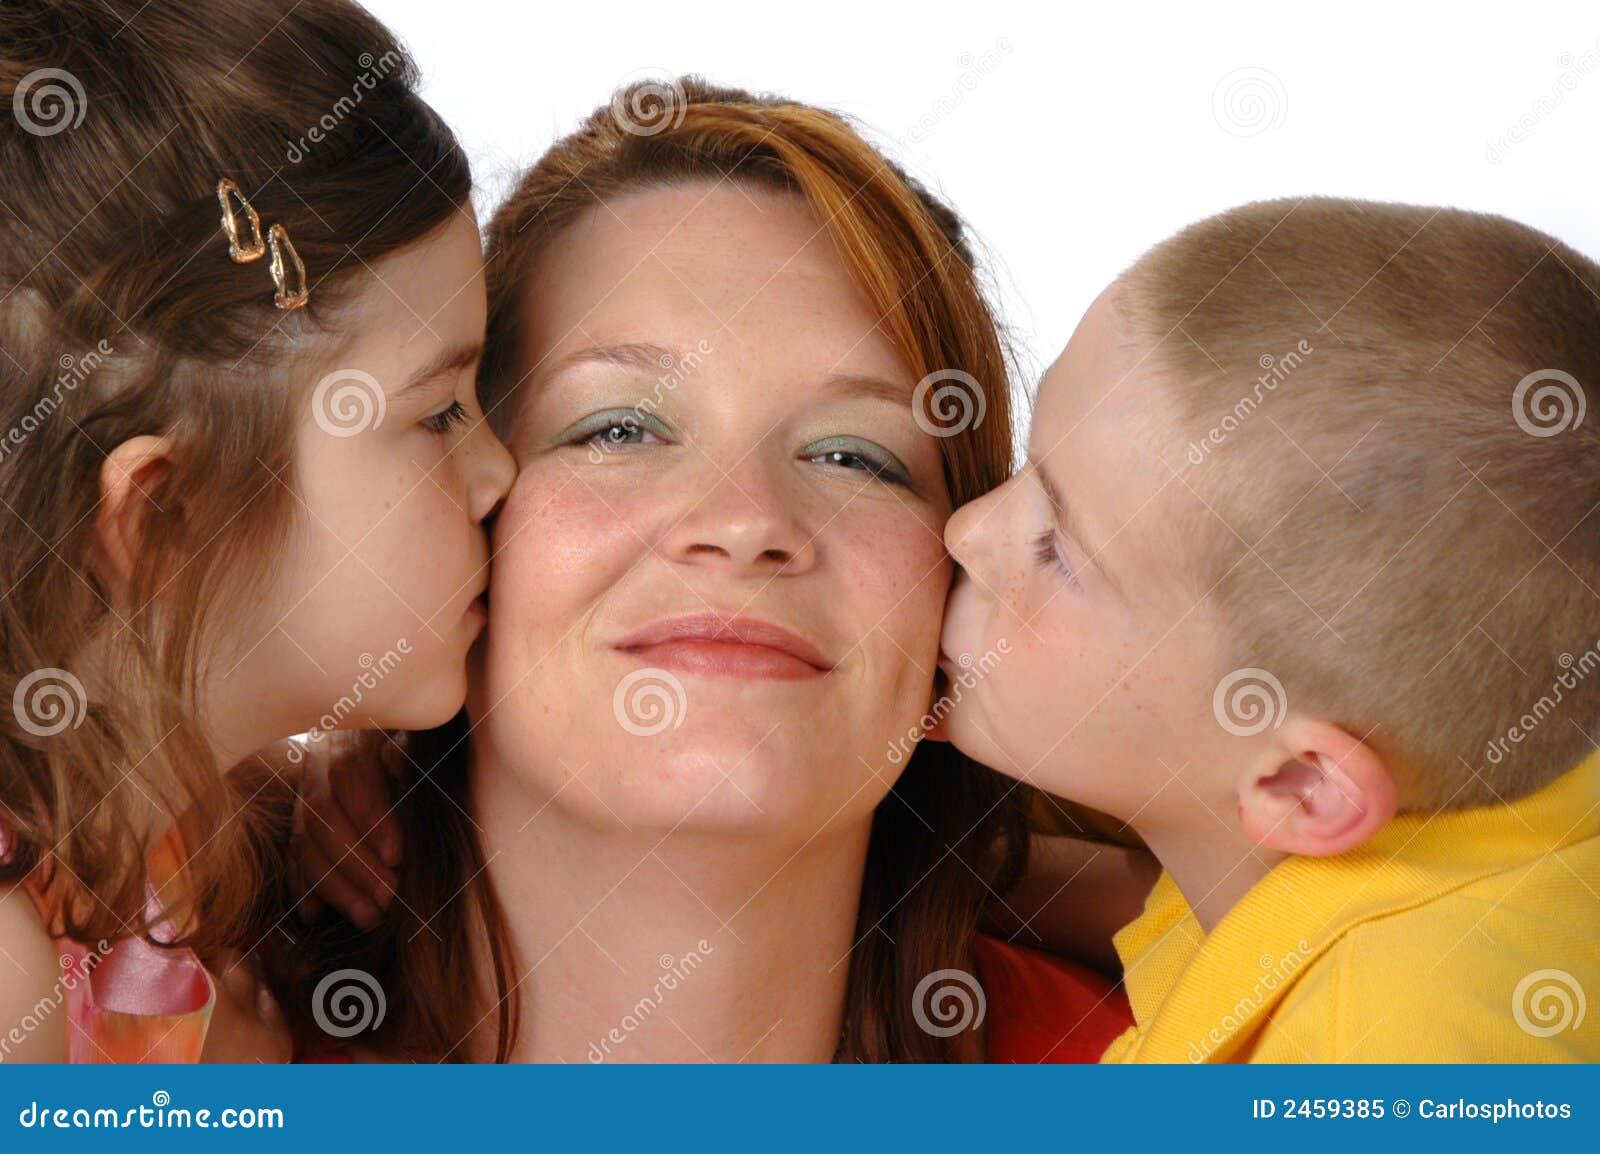 Hijo Graba A Su Mama | Noticias de los Mundos